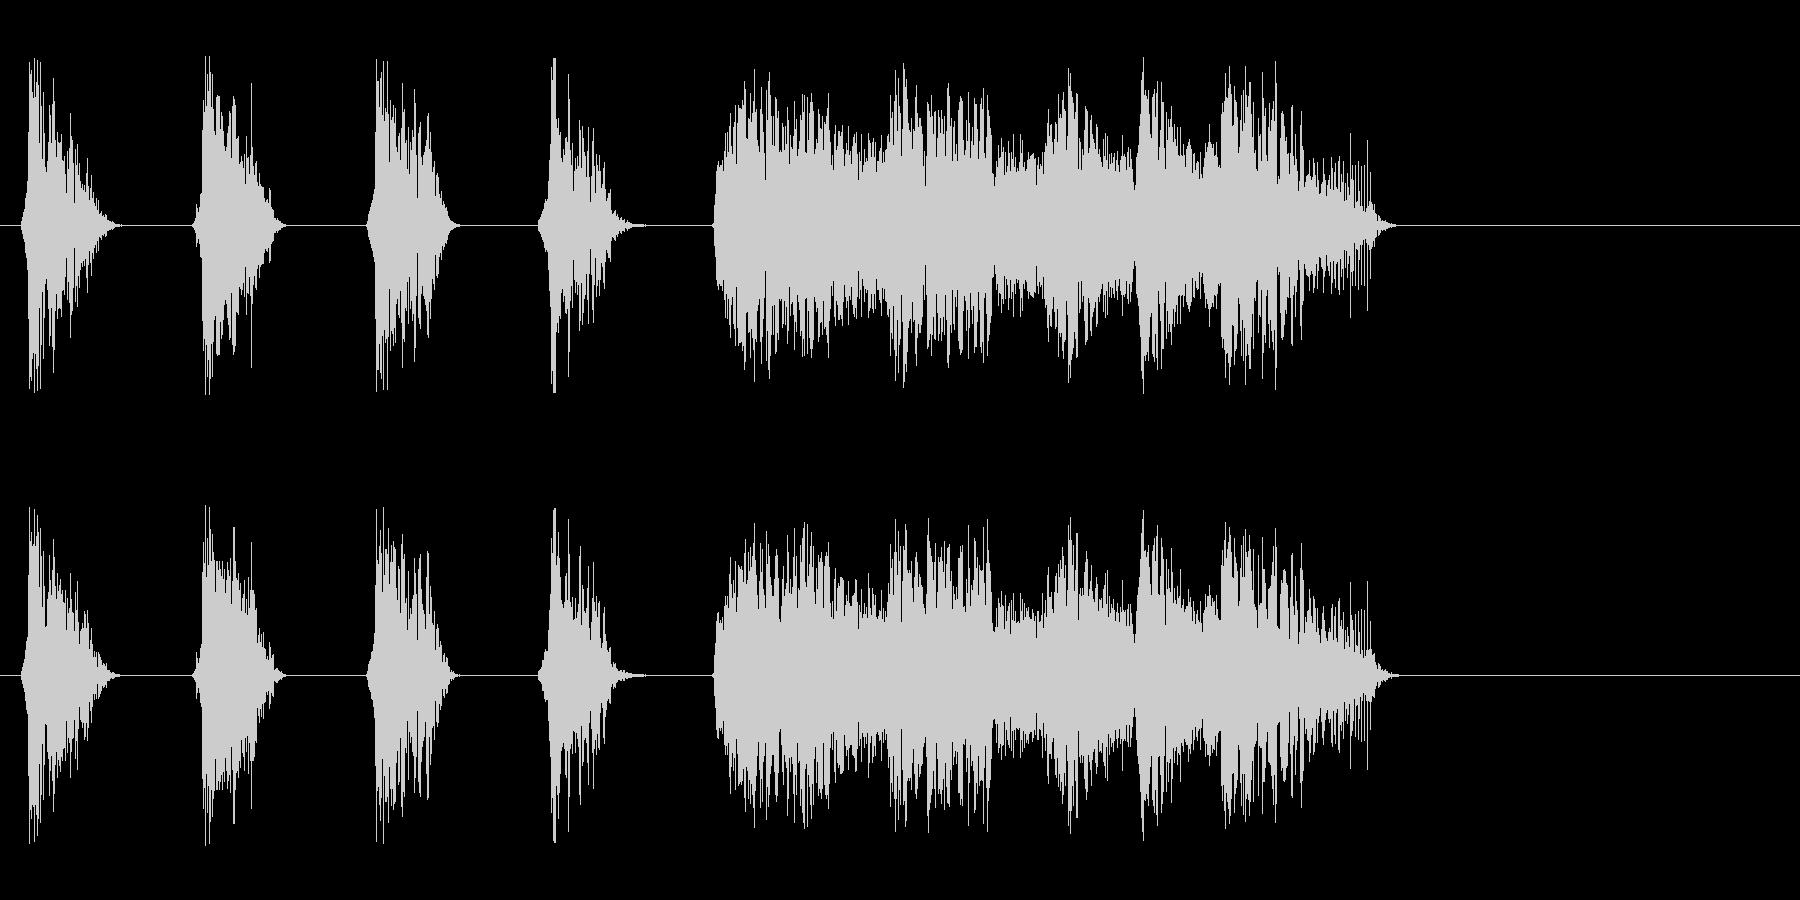 和風楽曲を盛り上げる熱い掛け声_Dryの未再生の波形